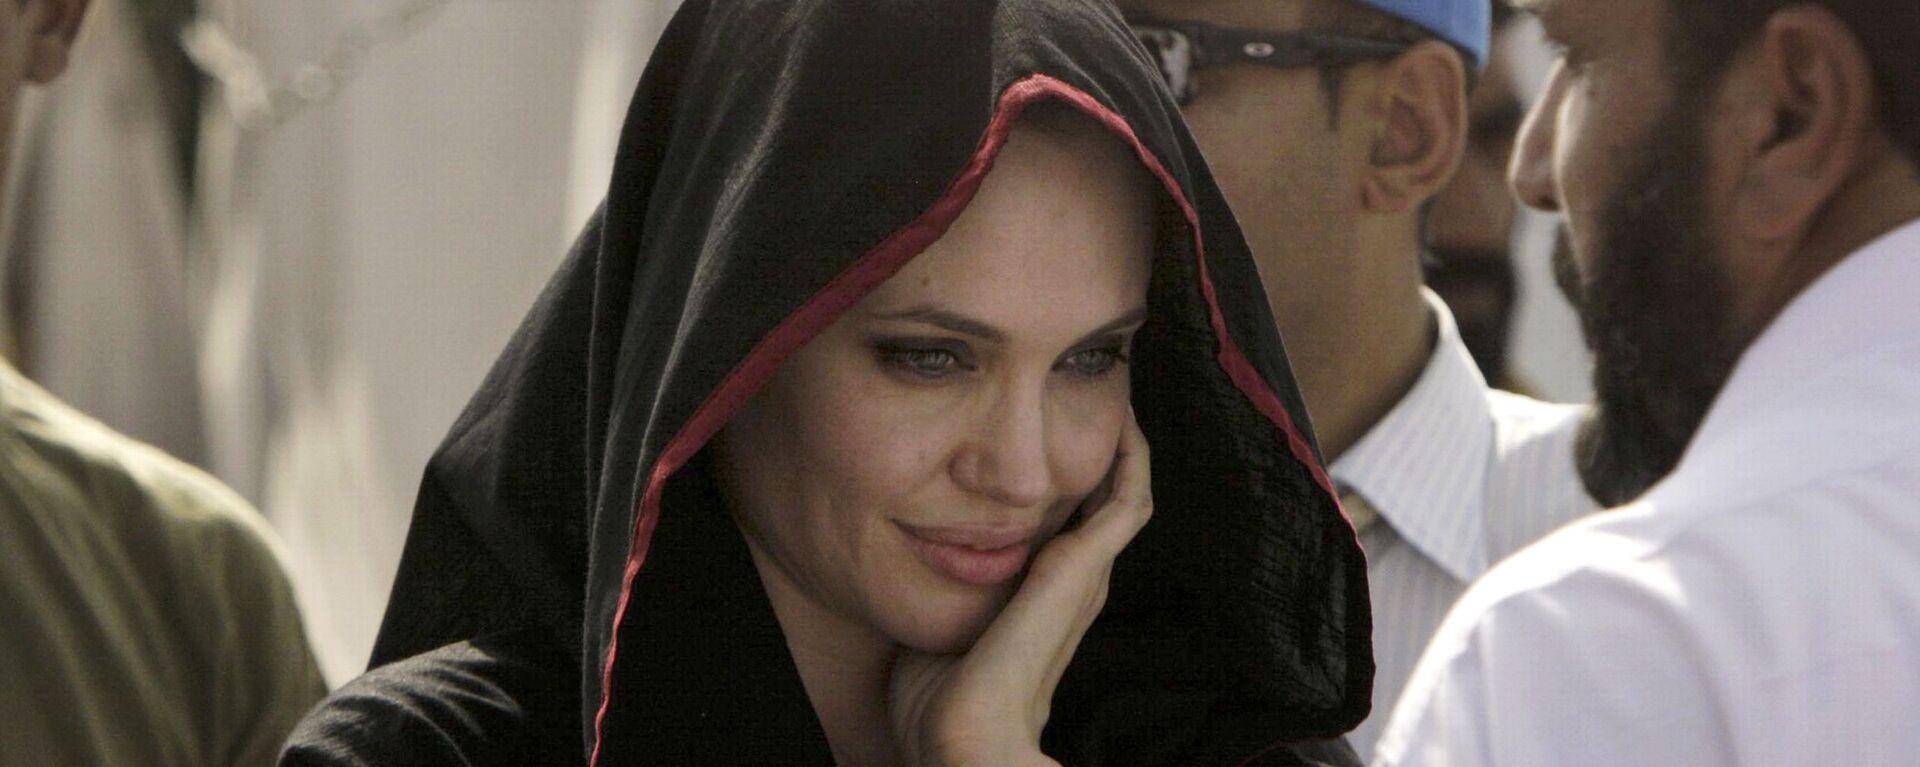 Angelina Jolie 45 yaşında - Sputnik Türkiye, 1920, 21.08.2021